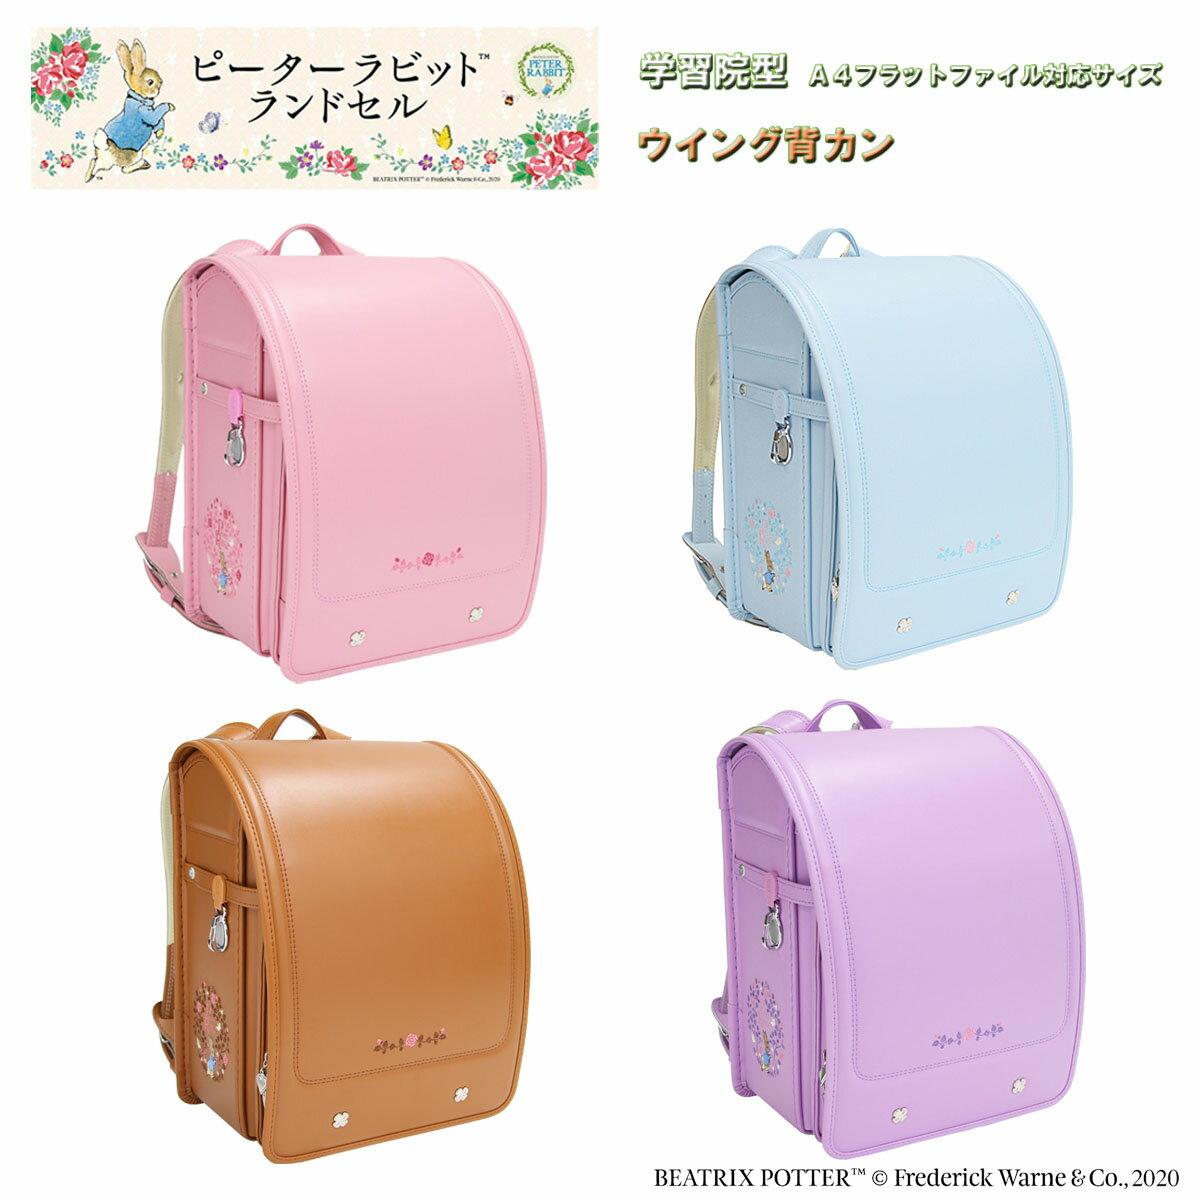 バッグ・ランドセル, ランドセル 2021 Peter Rabbit8482; 8482; 1103 MADE IN JAPAN()